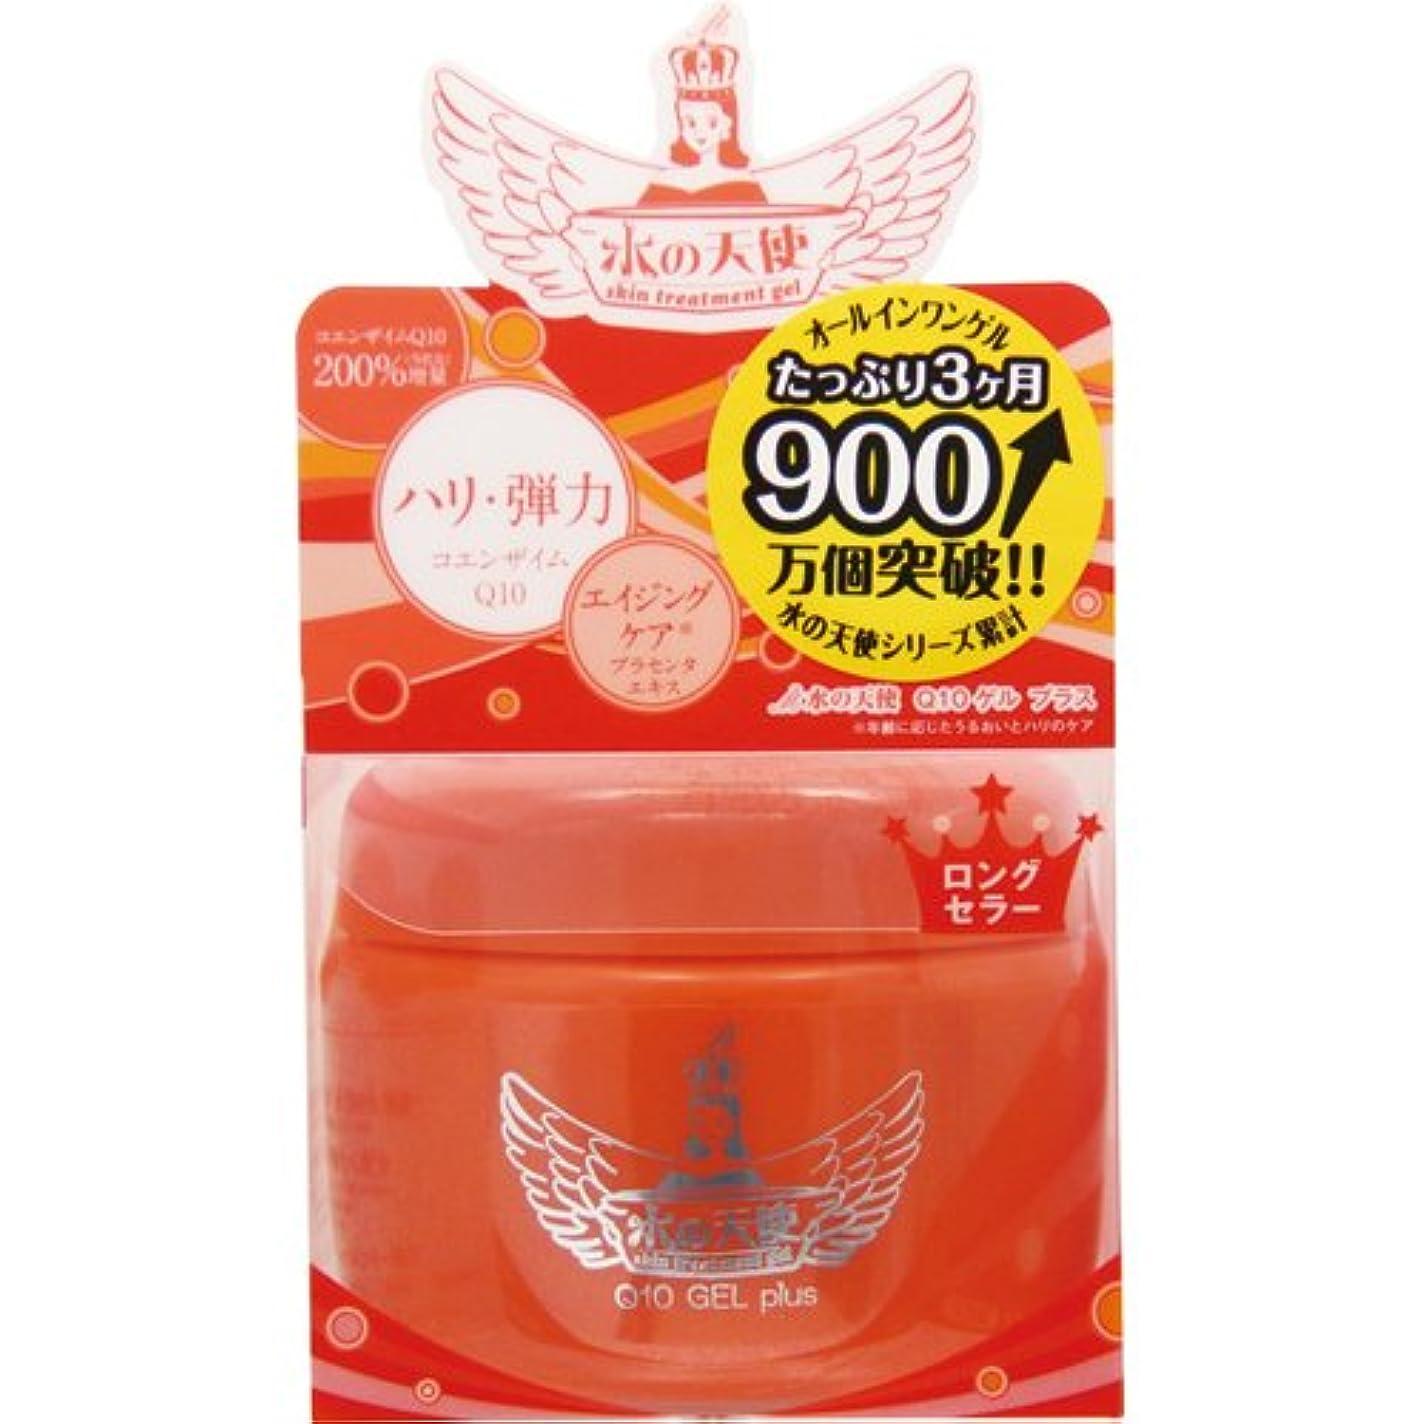 パブトピックディレイ水の天使 Q10ゲルプラス 150g